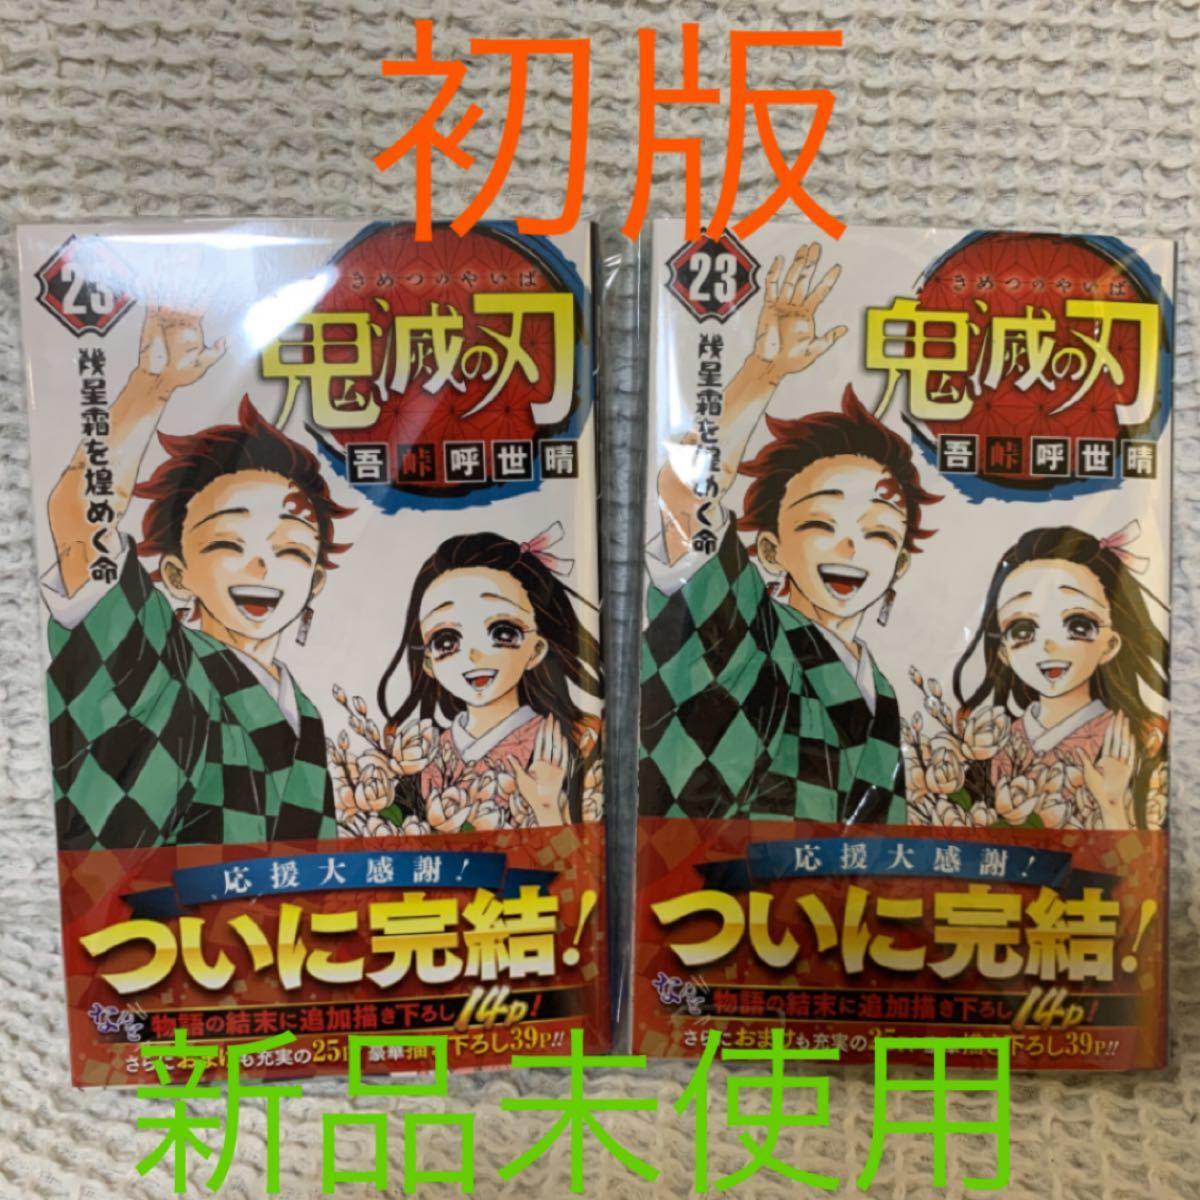 鬼滅の刃 23巻 初版と2版セット